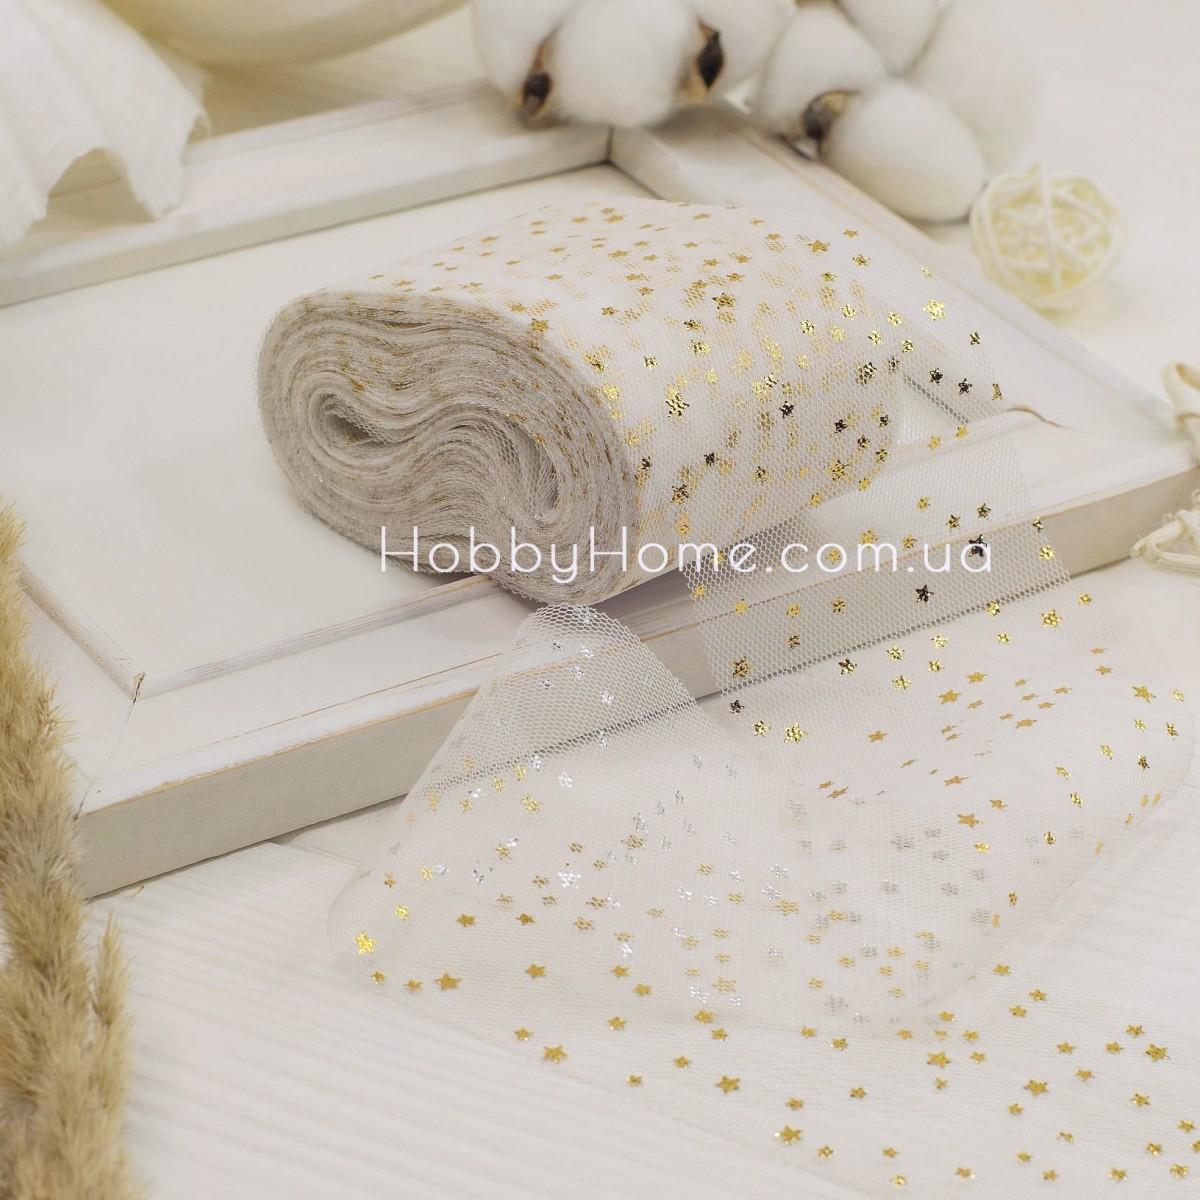 Фатин м'який Дрібні зірки 6 см білий